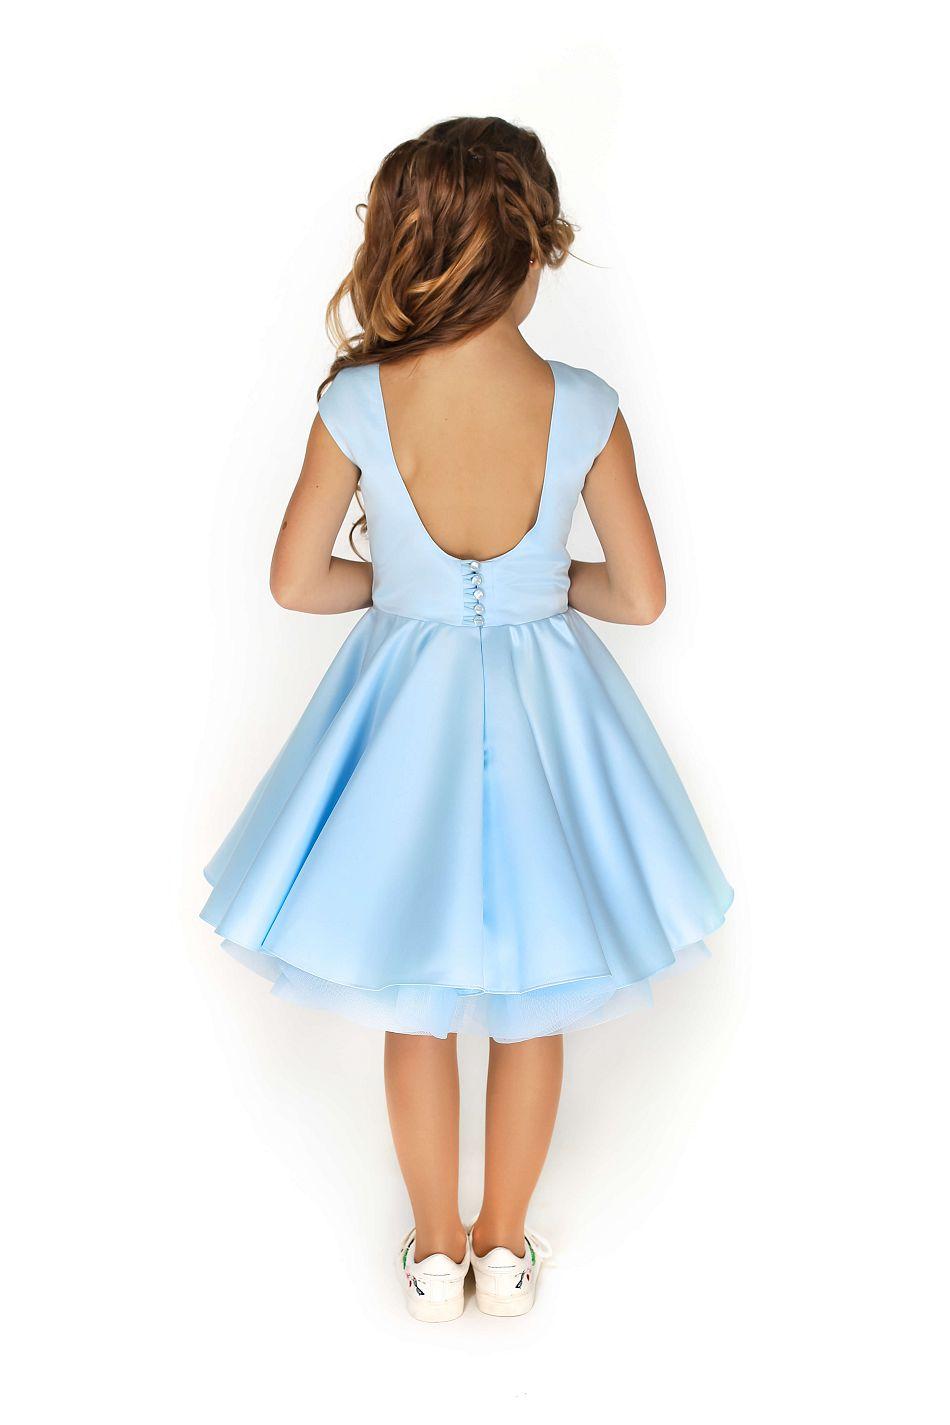 Святкова блакитна сукня на дівчинку замовити онлайн